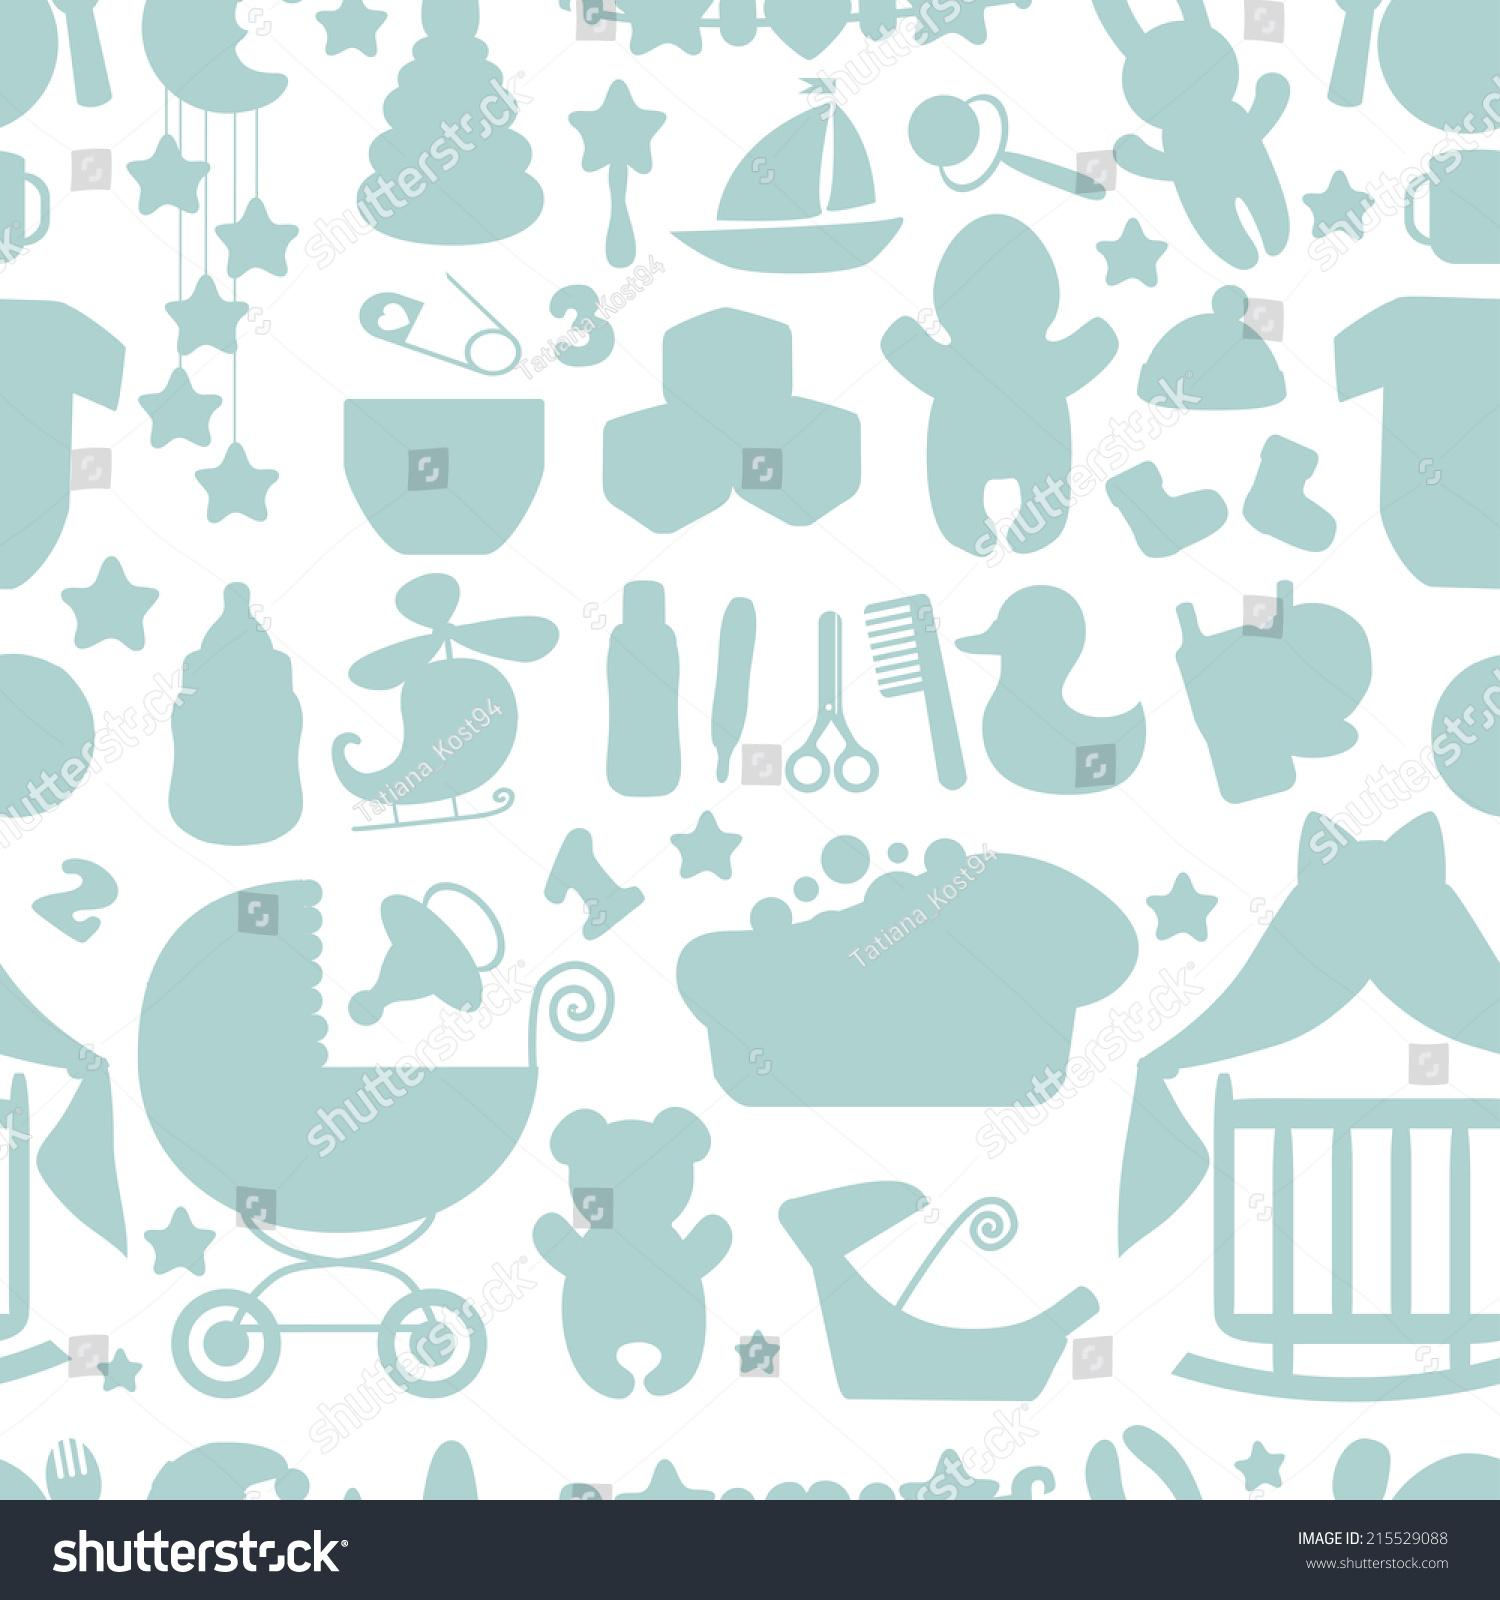 baby boy background design - photo #7